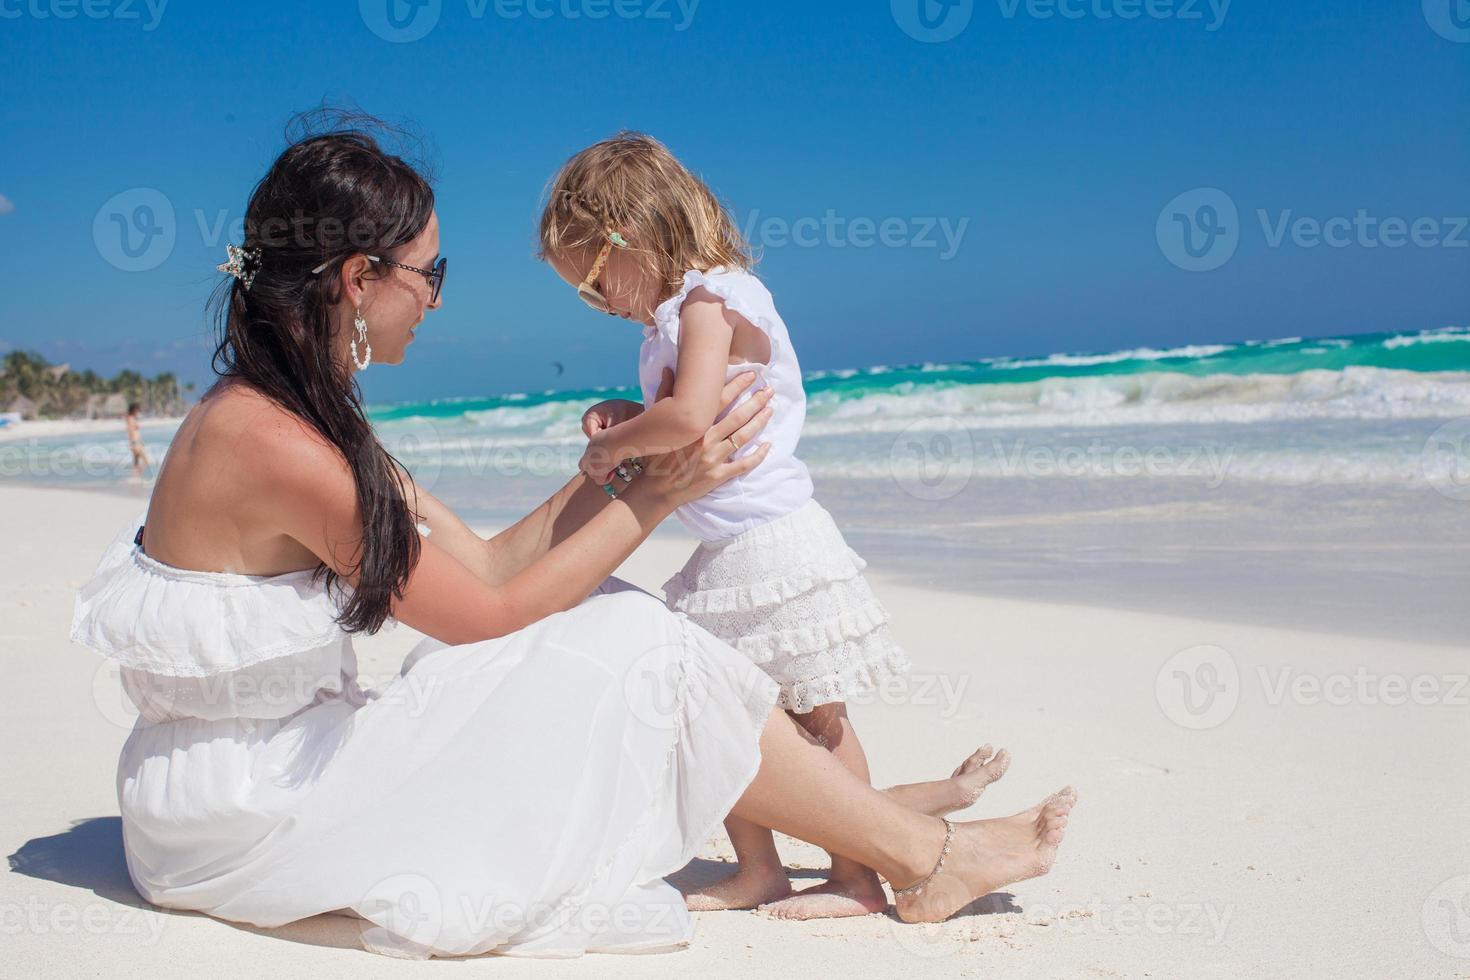 vue arrière de la mère et la petite fille profiter des vacances photo